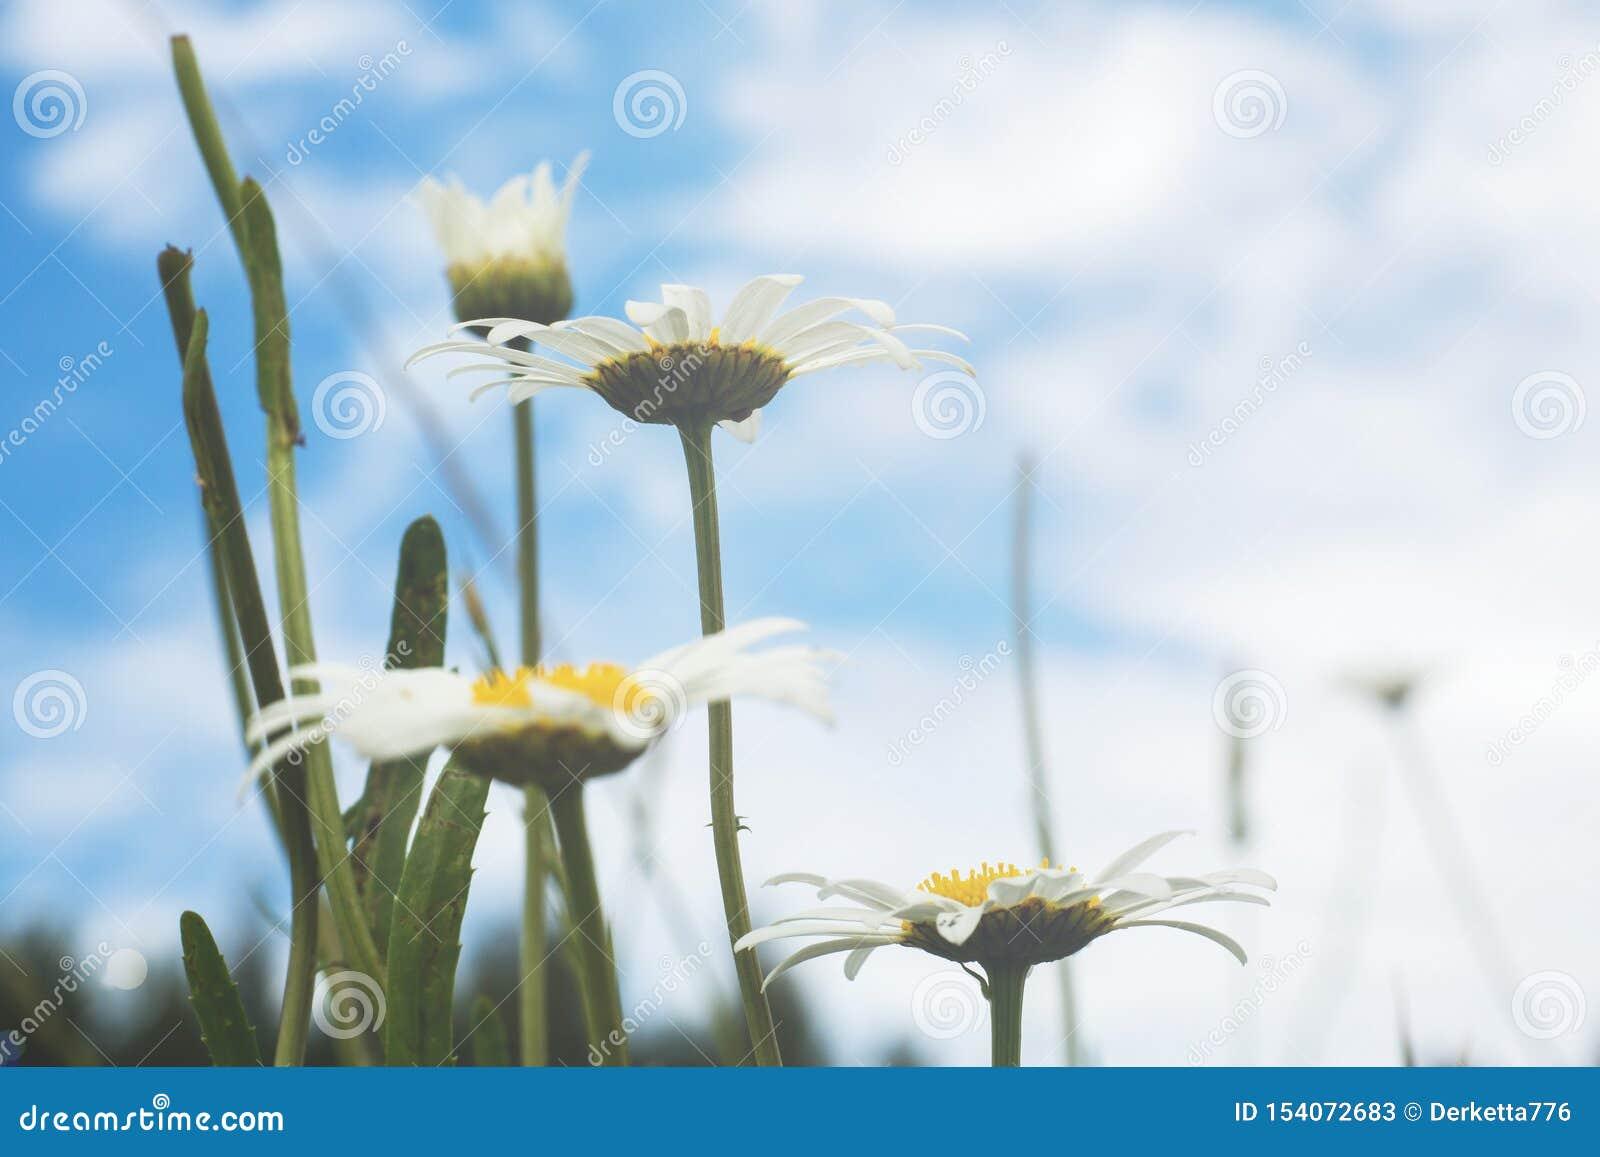 美丽和精美白色春黄菊花在天空蔚蓝背景关闭  r